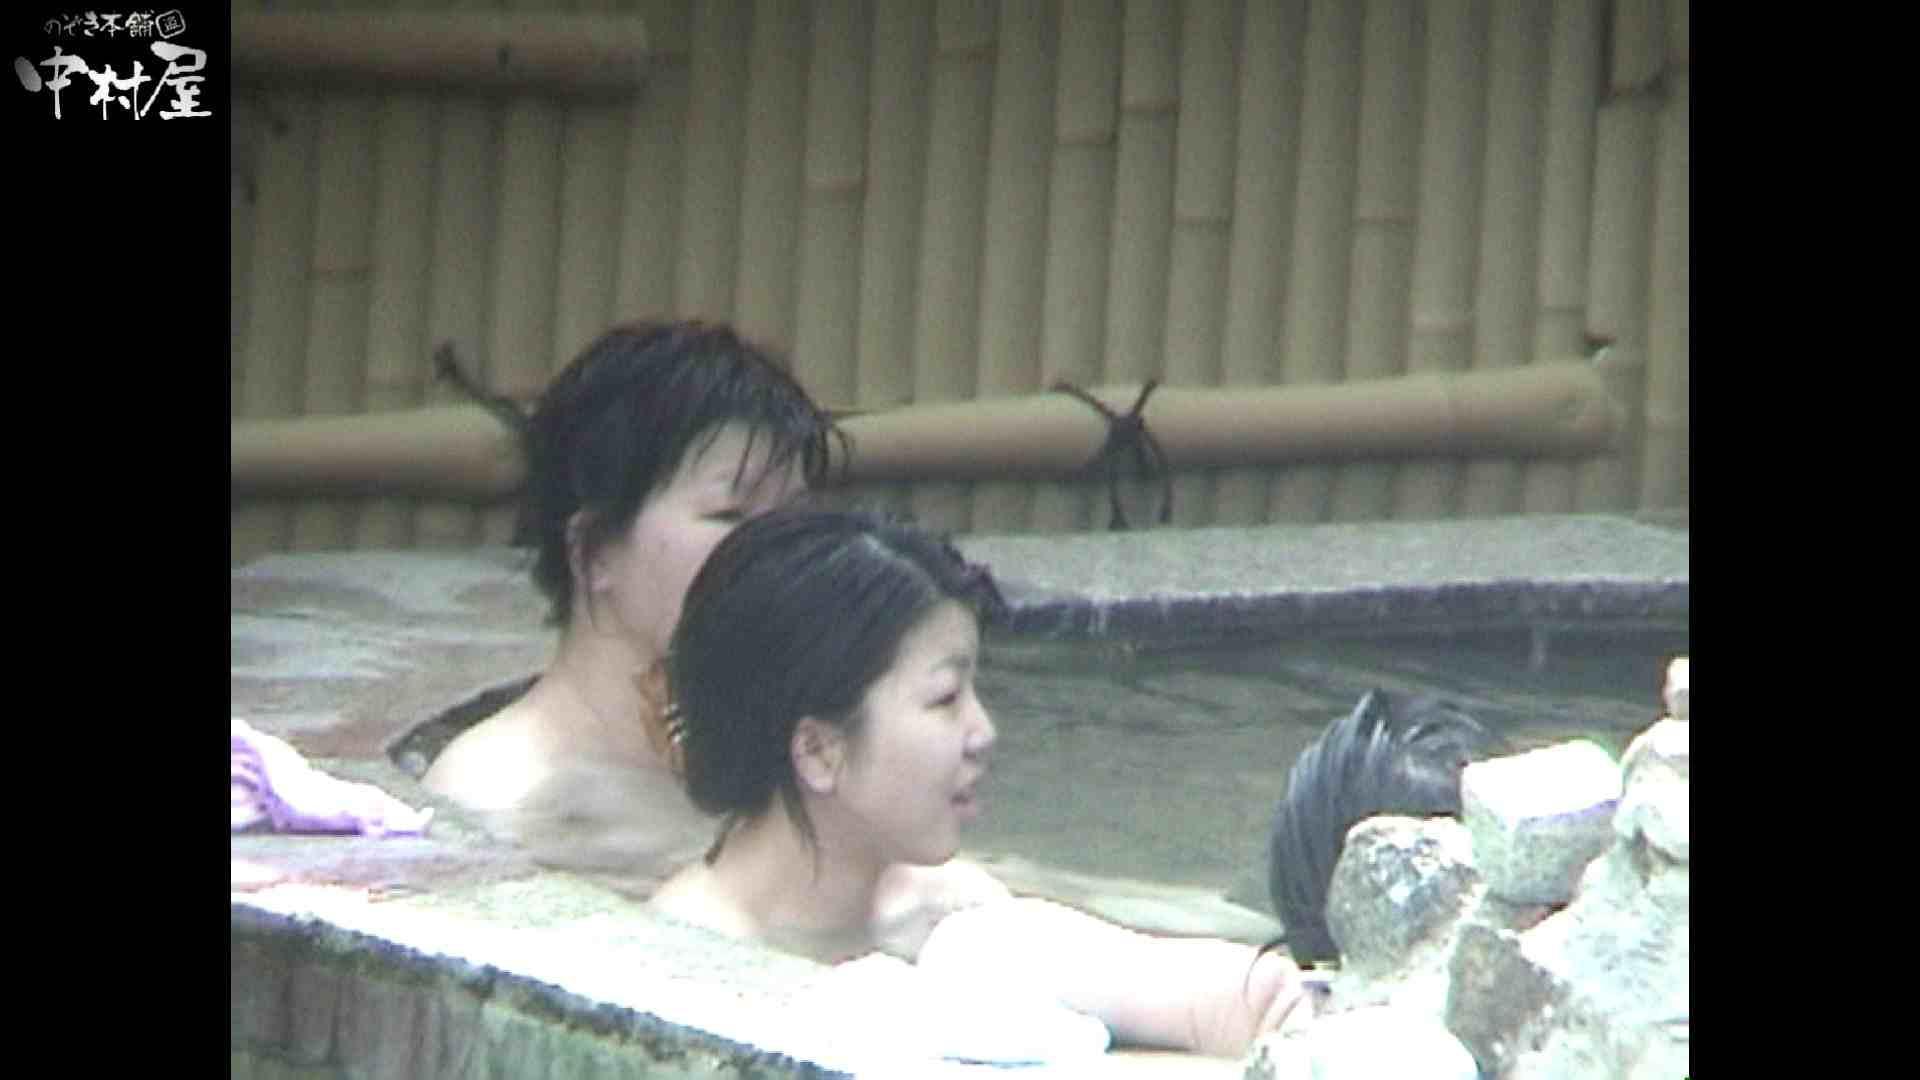 Aquaな露天風呂Vol.936 盗撮 | 露天  75画像 31